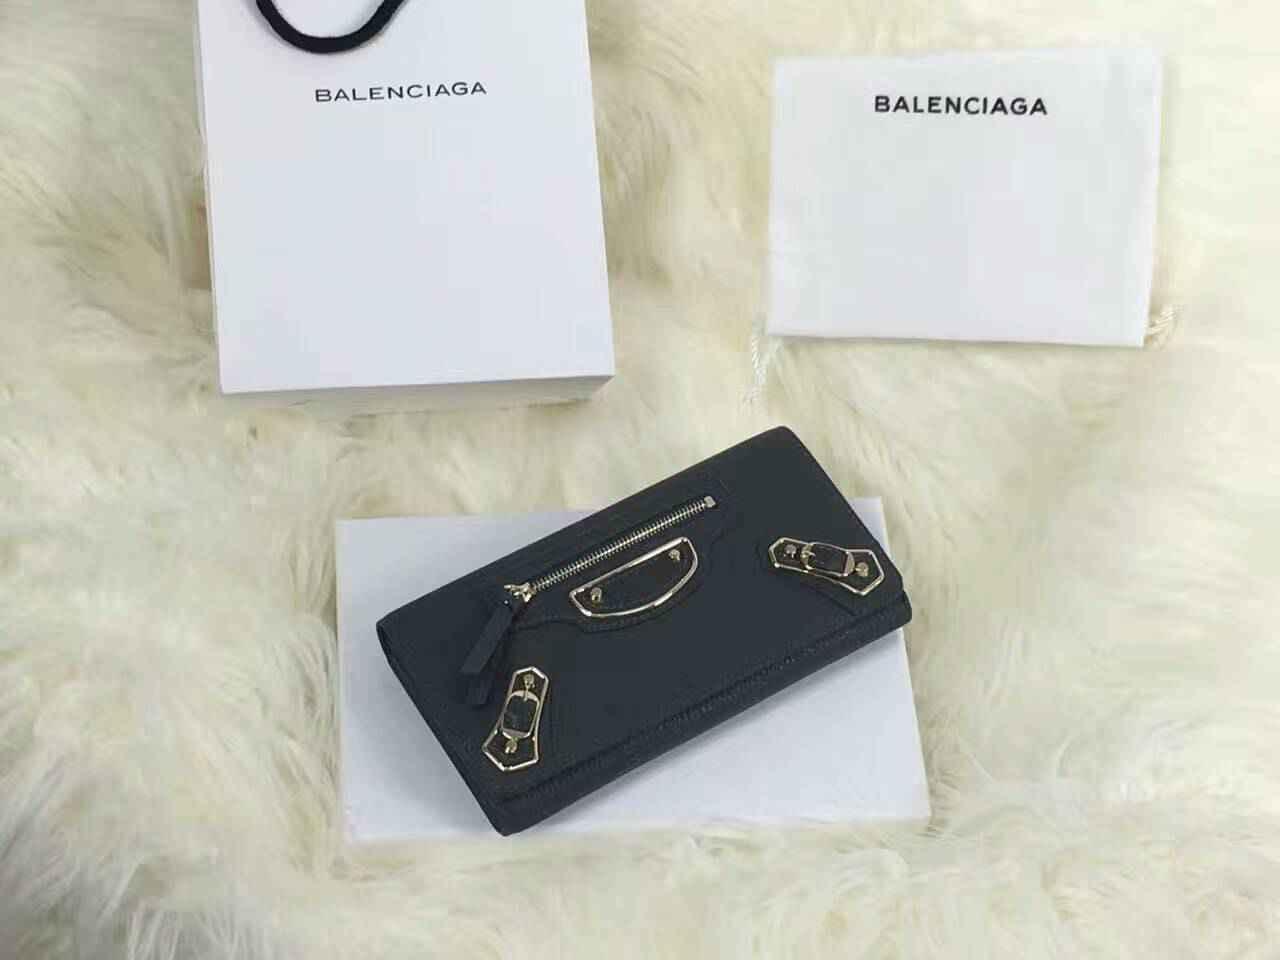 sale retailer 9f4c1 bc359 2017新作 バレンシアガコピー 財布 BALENCIAGA 高品質人気 レディース 二つ折り長財布 balenciagaqb102-1